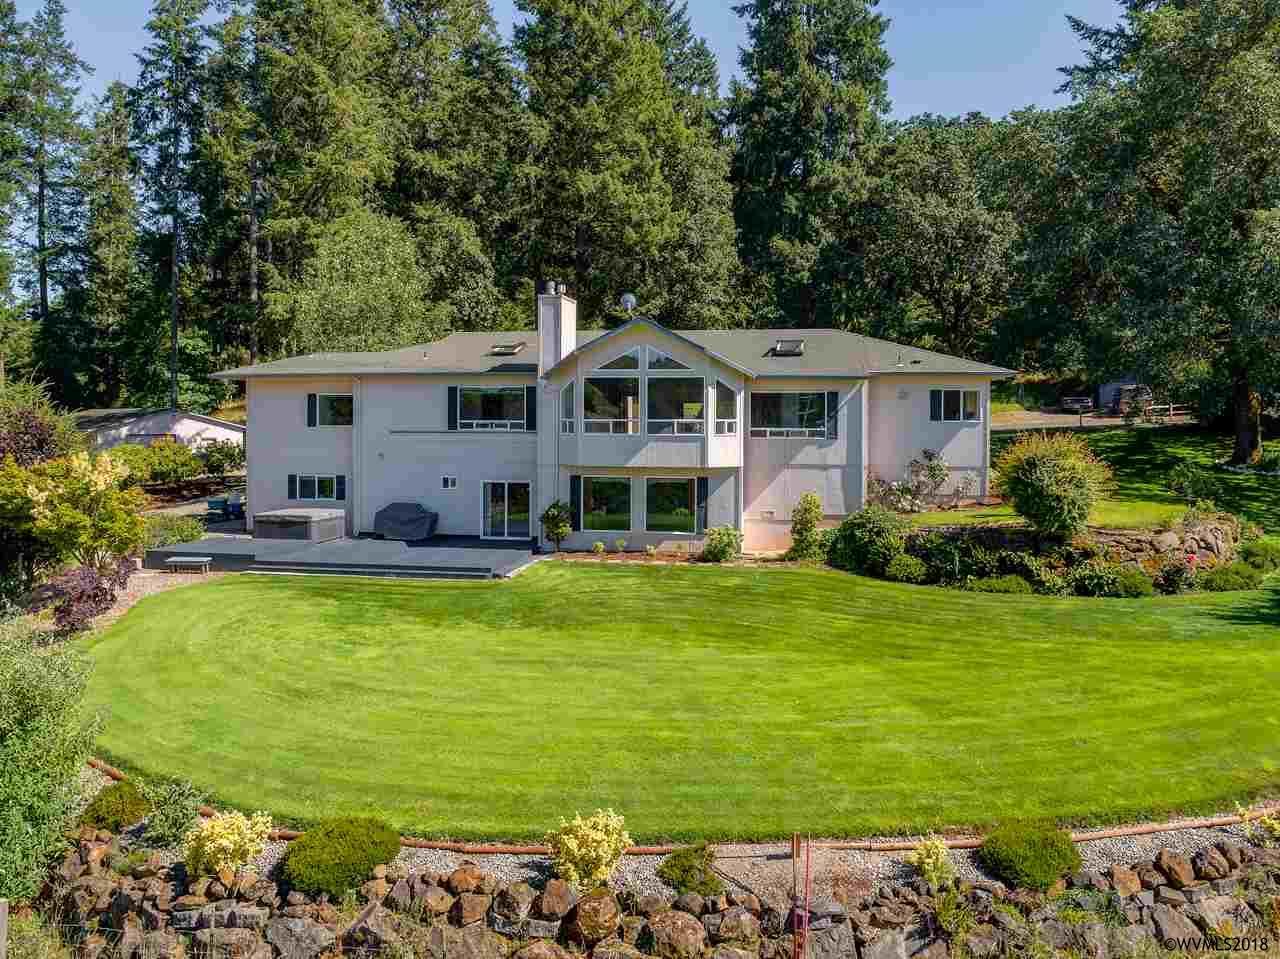 2887 Grice Hill Dr NW, Salem, Oregon